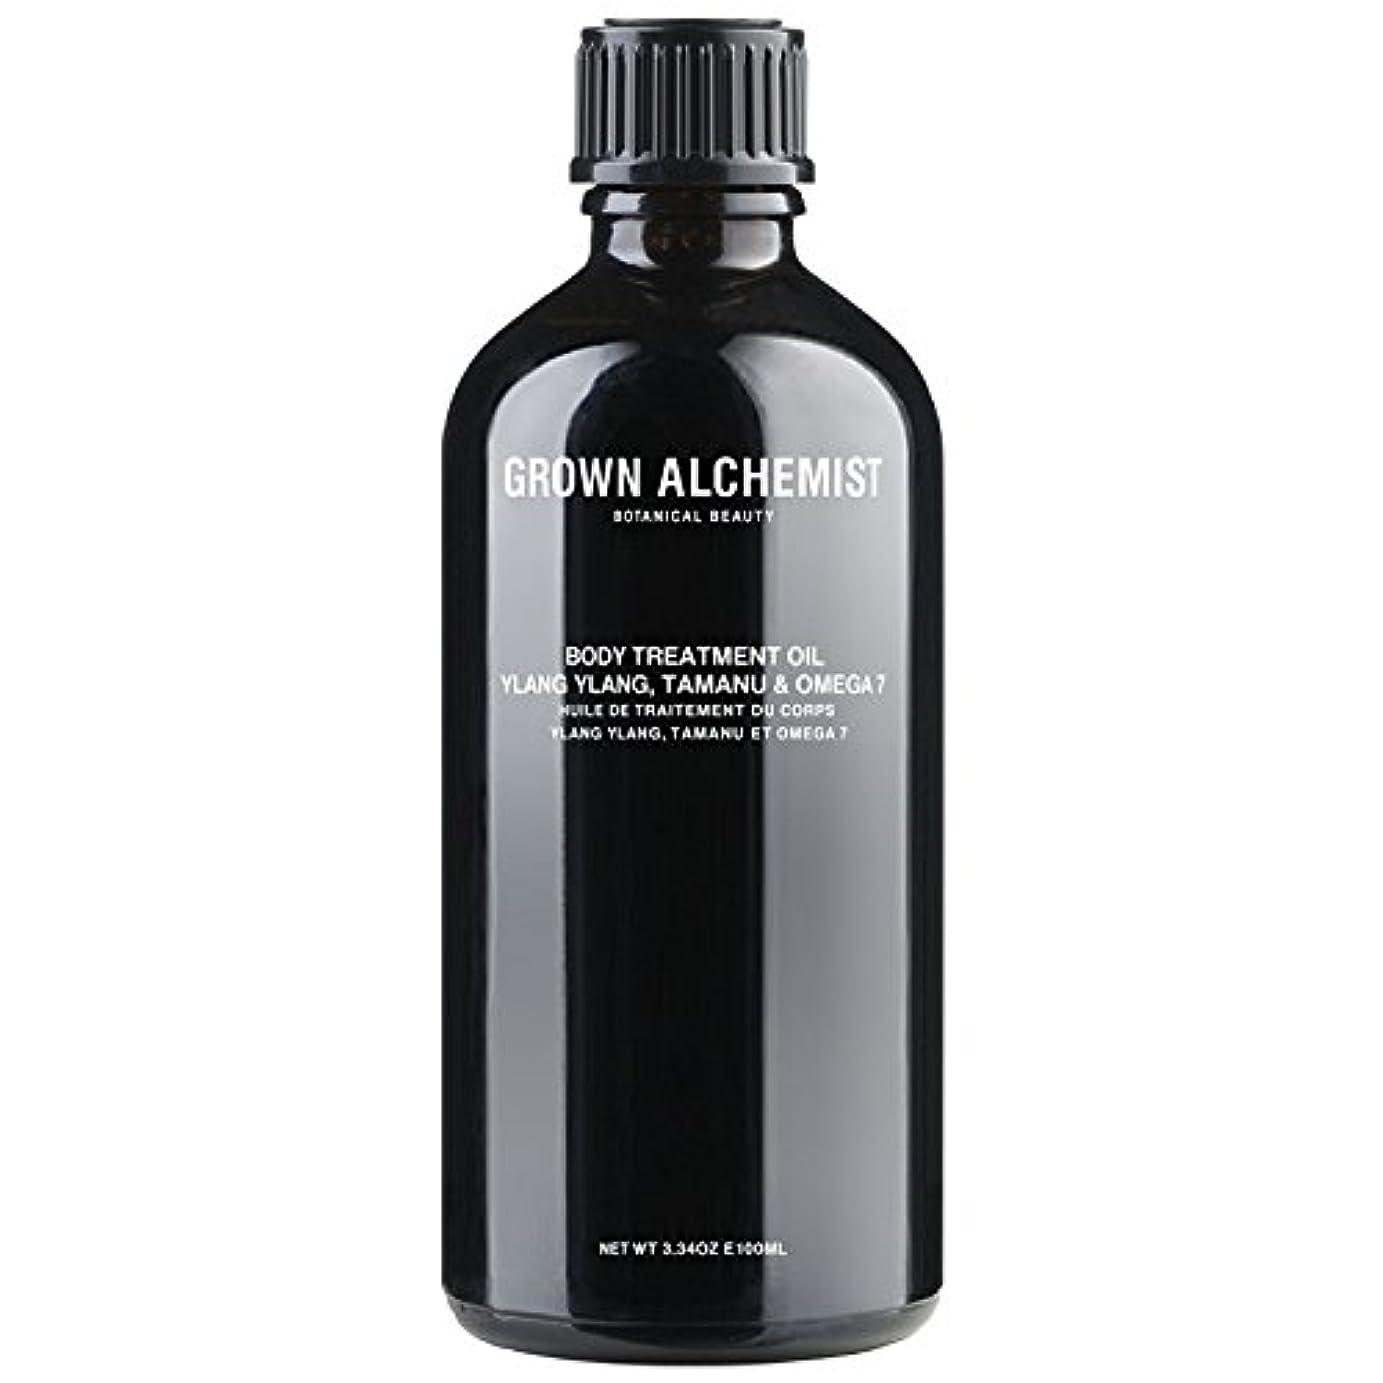 スラック自動車ペレグリネーションGrown Alchemist Body Treatment Oil - Ylang Ylang, Tamanu & Omega 7 100ml/3.34oz並行輸入品